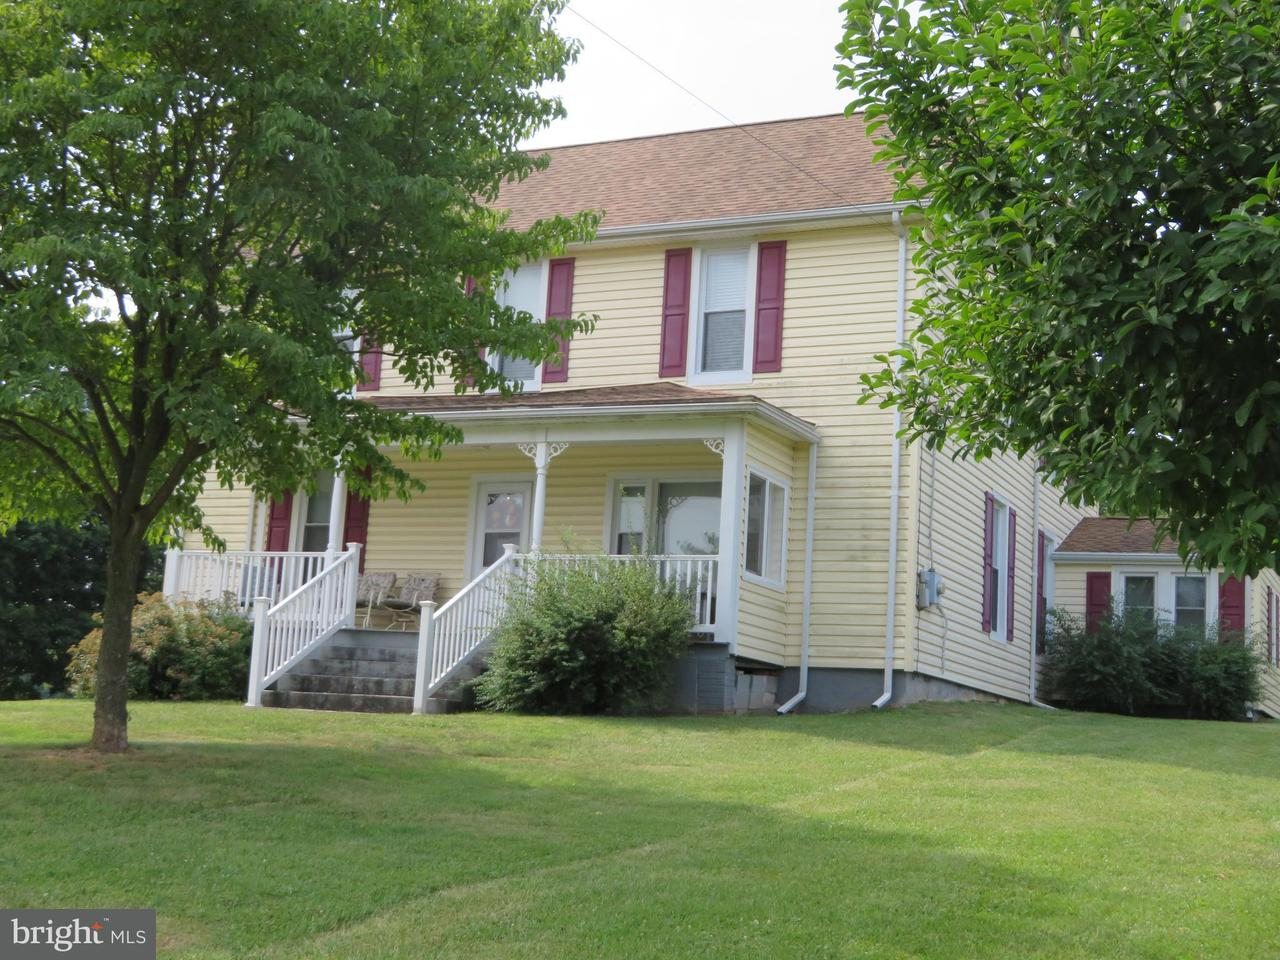 商用 のために 売買 アット 2347 HENSHAW Road 2347 HENSHAW Road Inwood, ウェストバージニア 25428 アメリカ合衆国